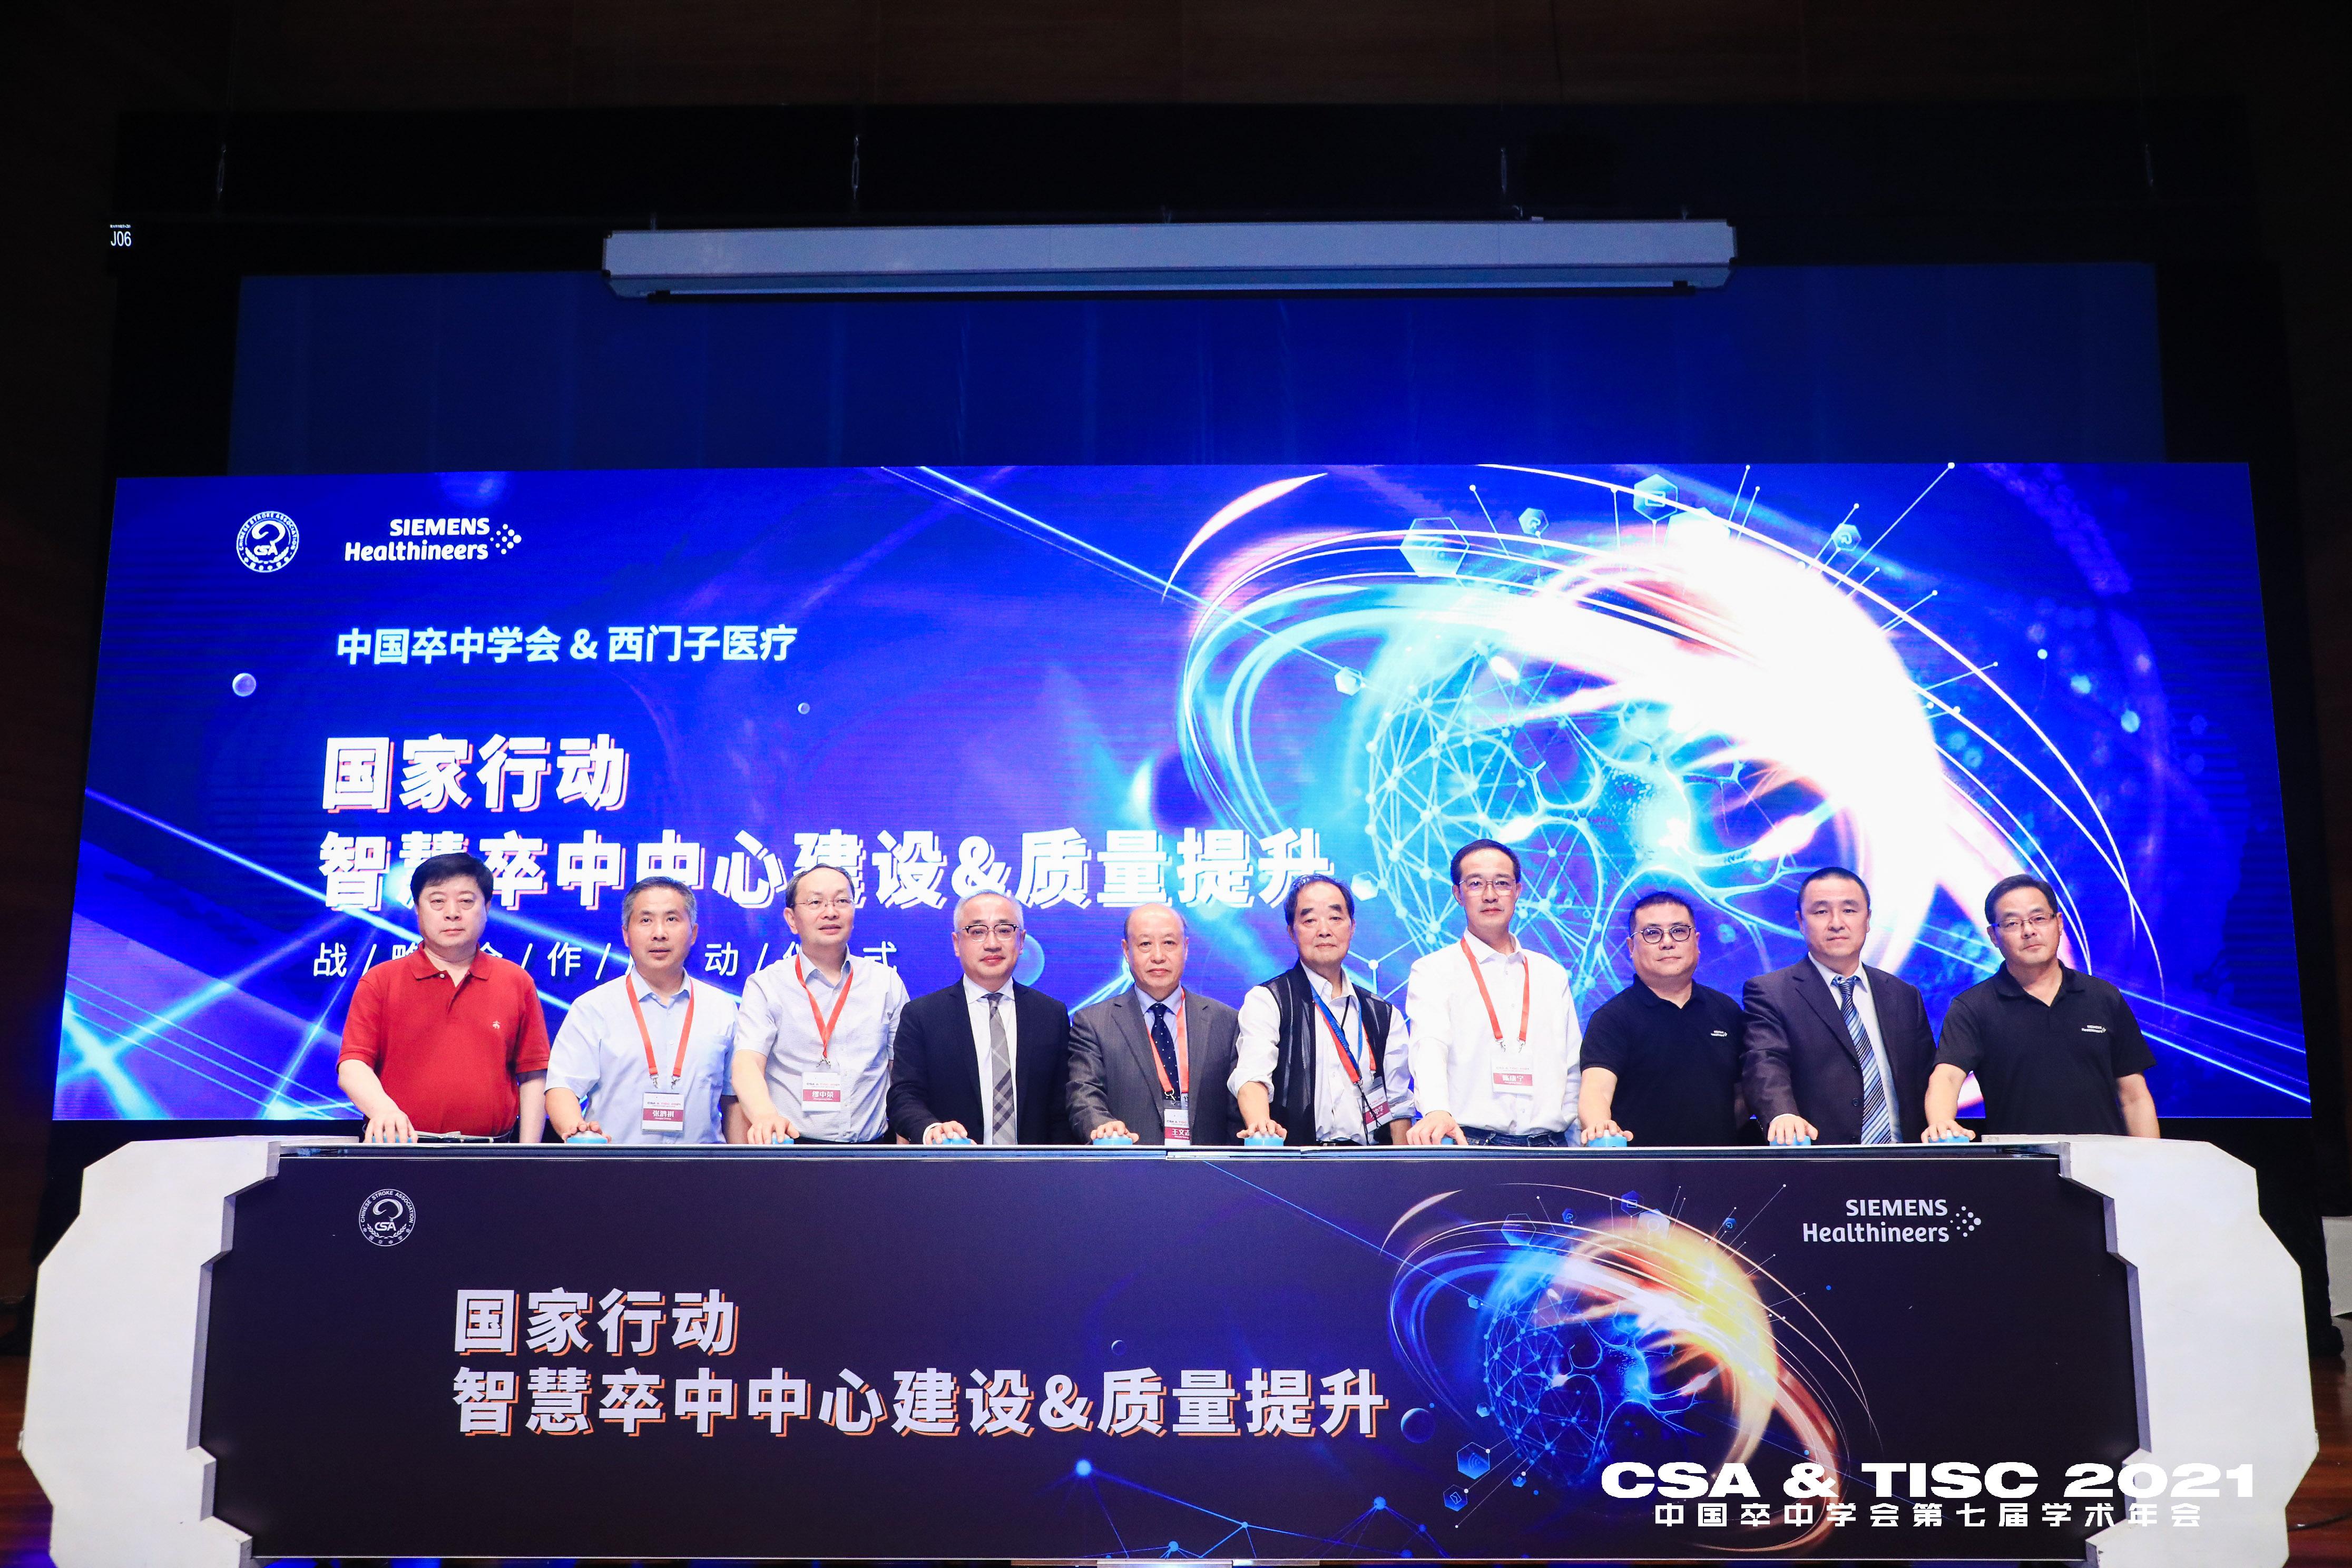 西门子医疗与中国卒中学会启动战略合作 同时发布全球首个远程介入大师解决方案